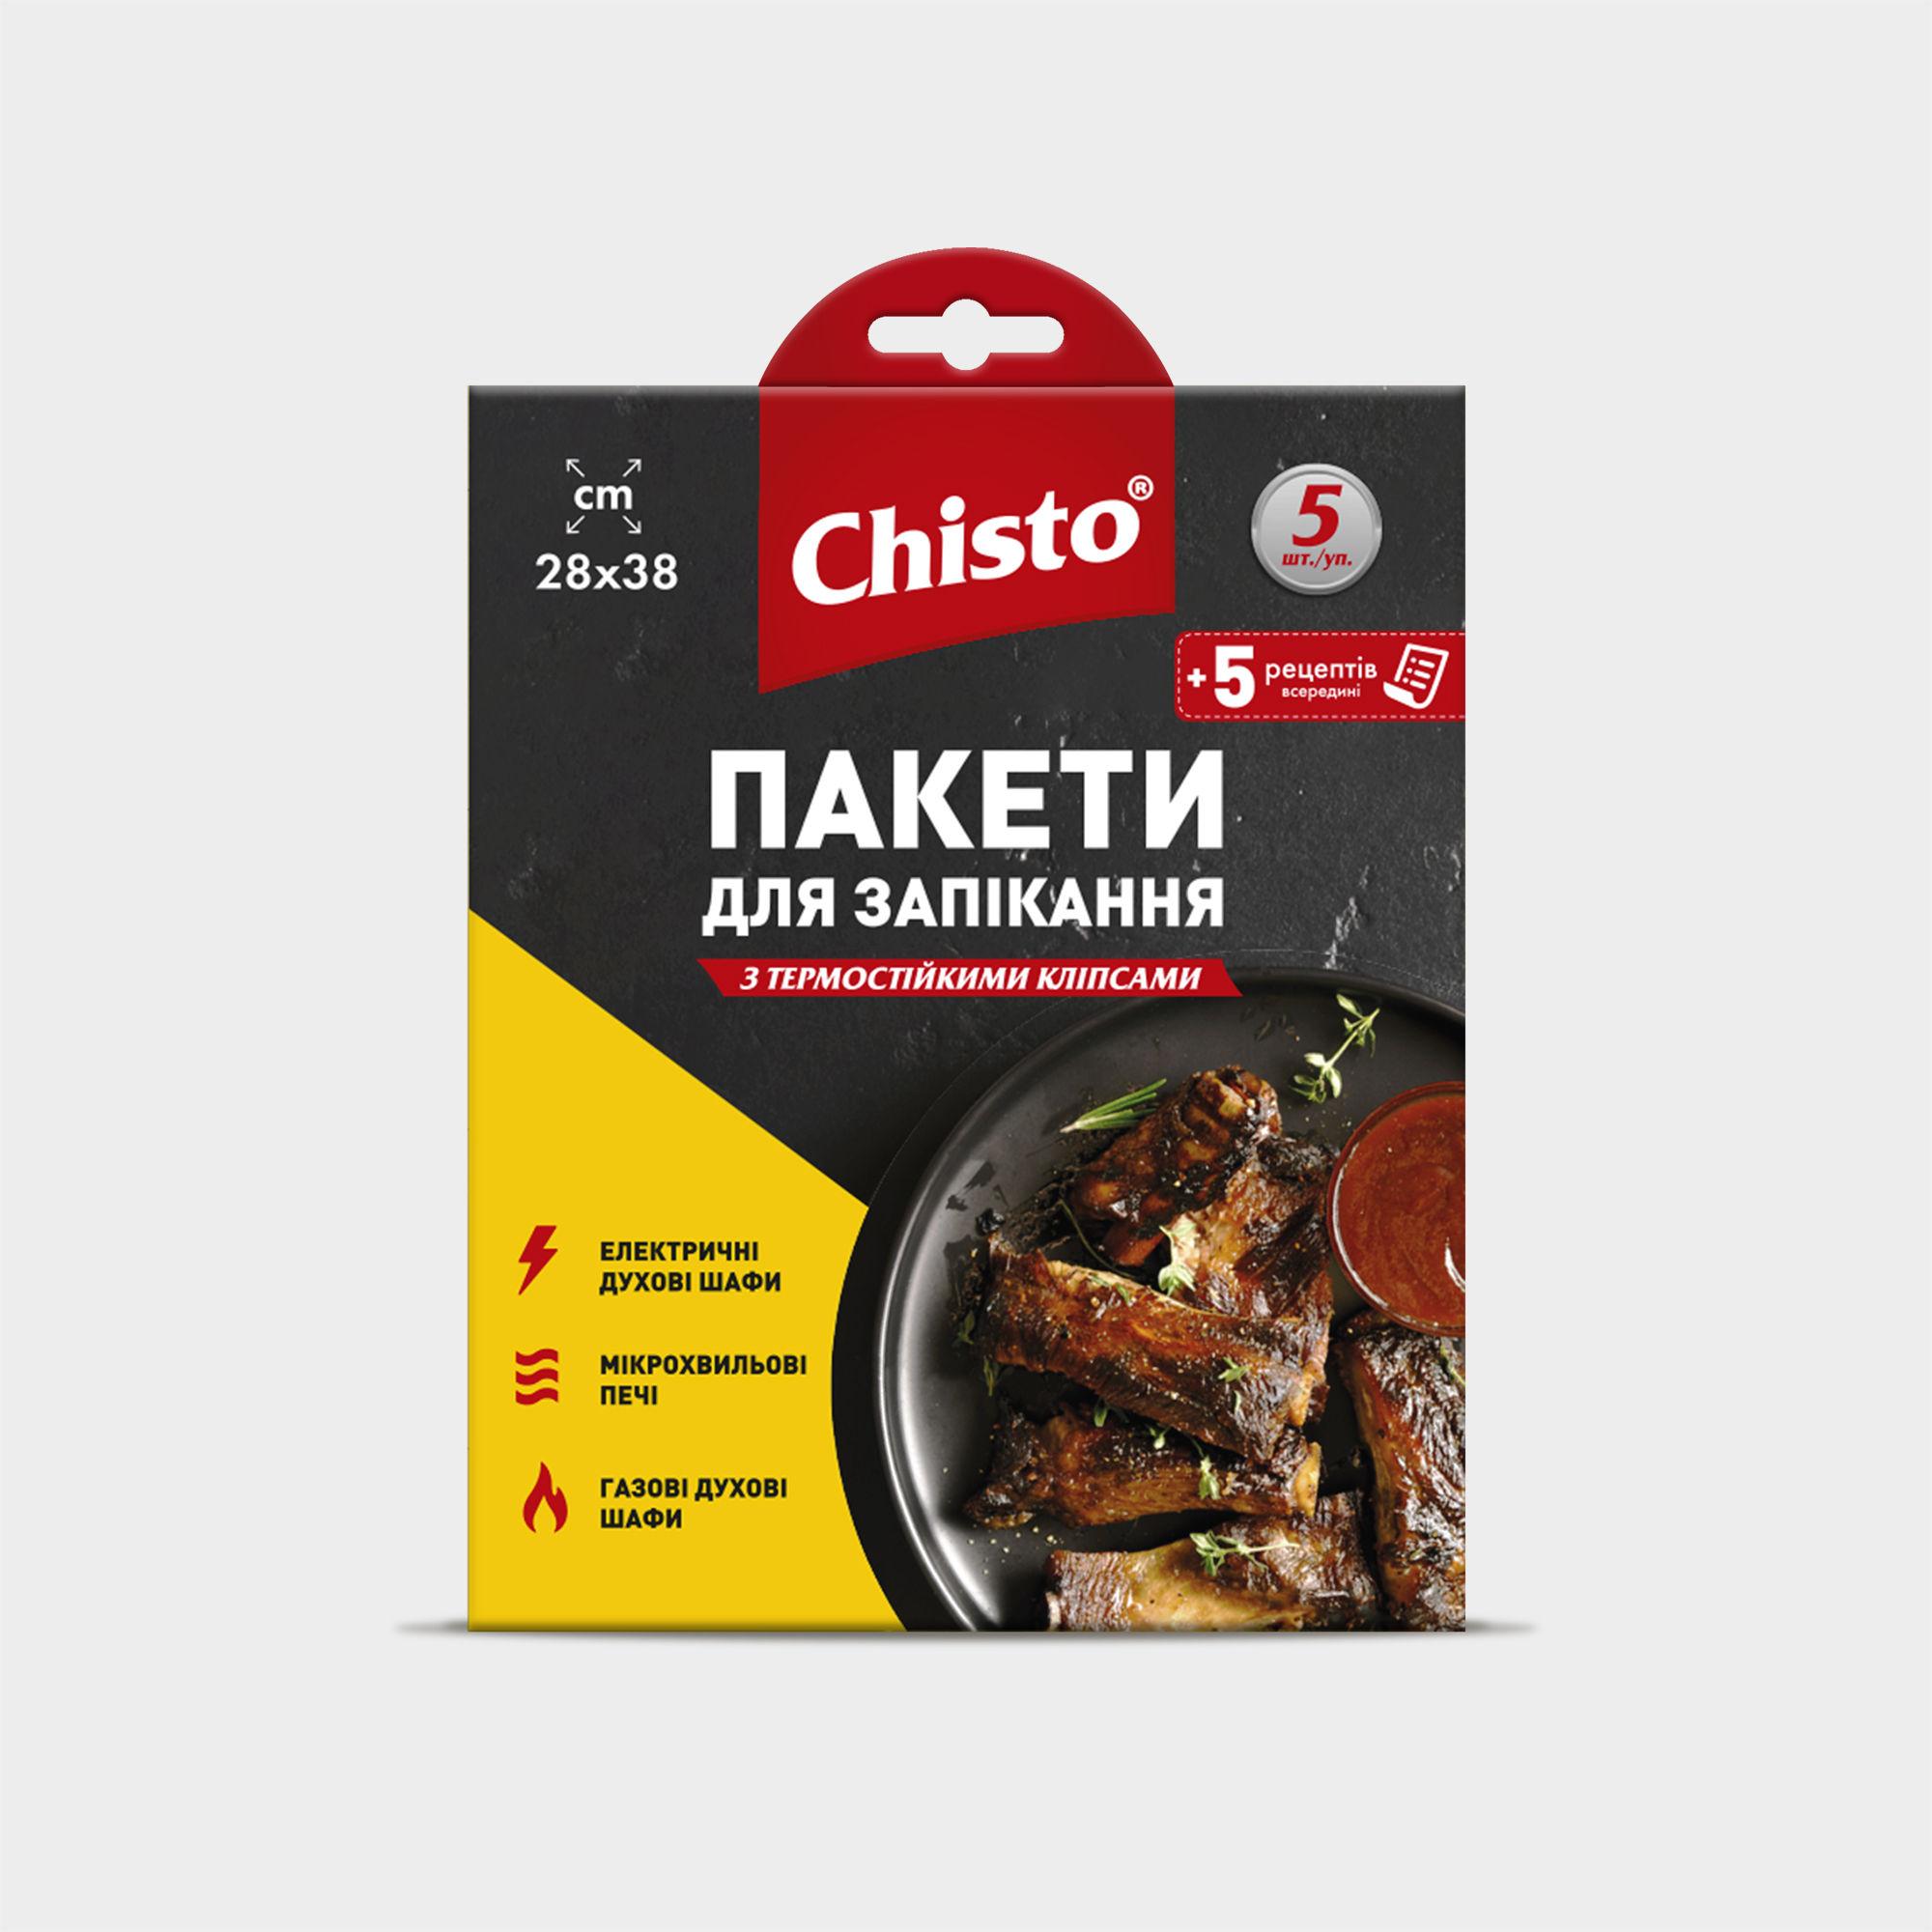 Пакеты для запекания и заморозки пищевых продуктов Chisto с термостойкими клипсами